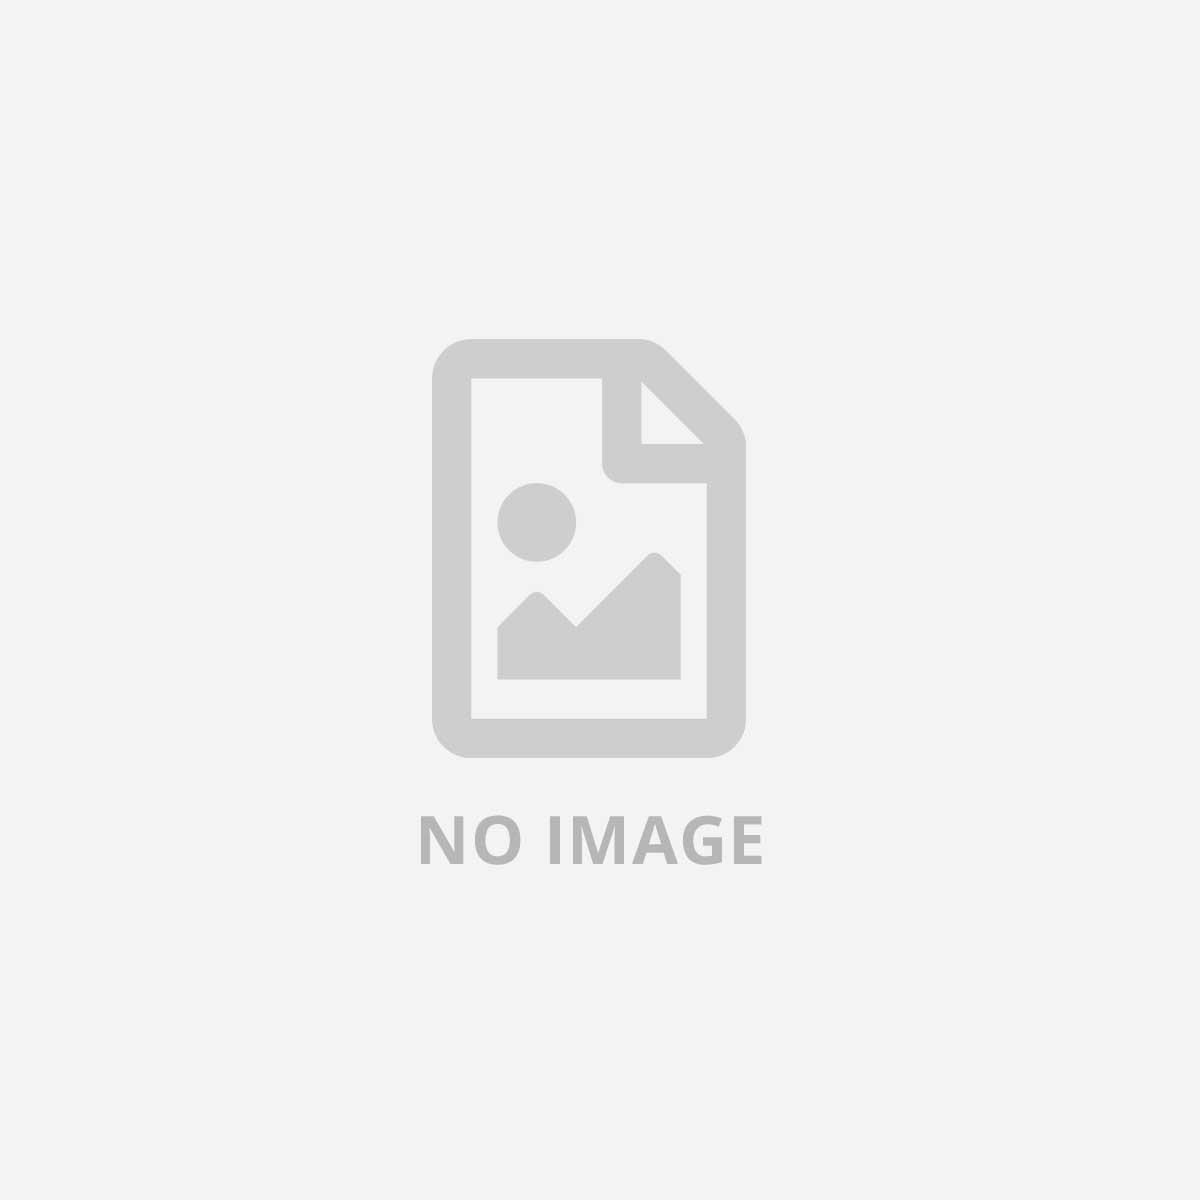 HANNSPREE HO165PTB